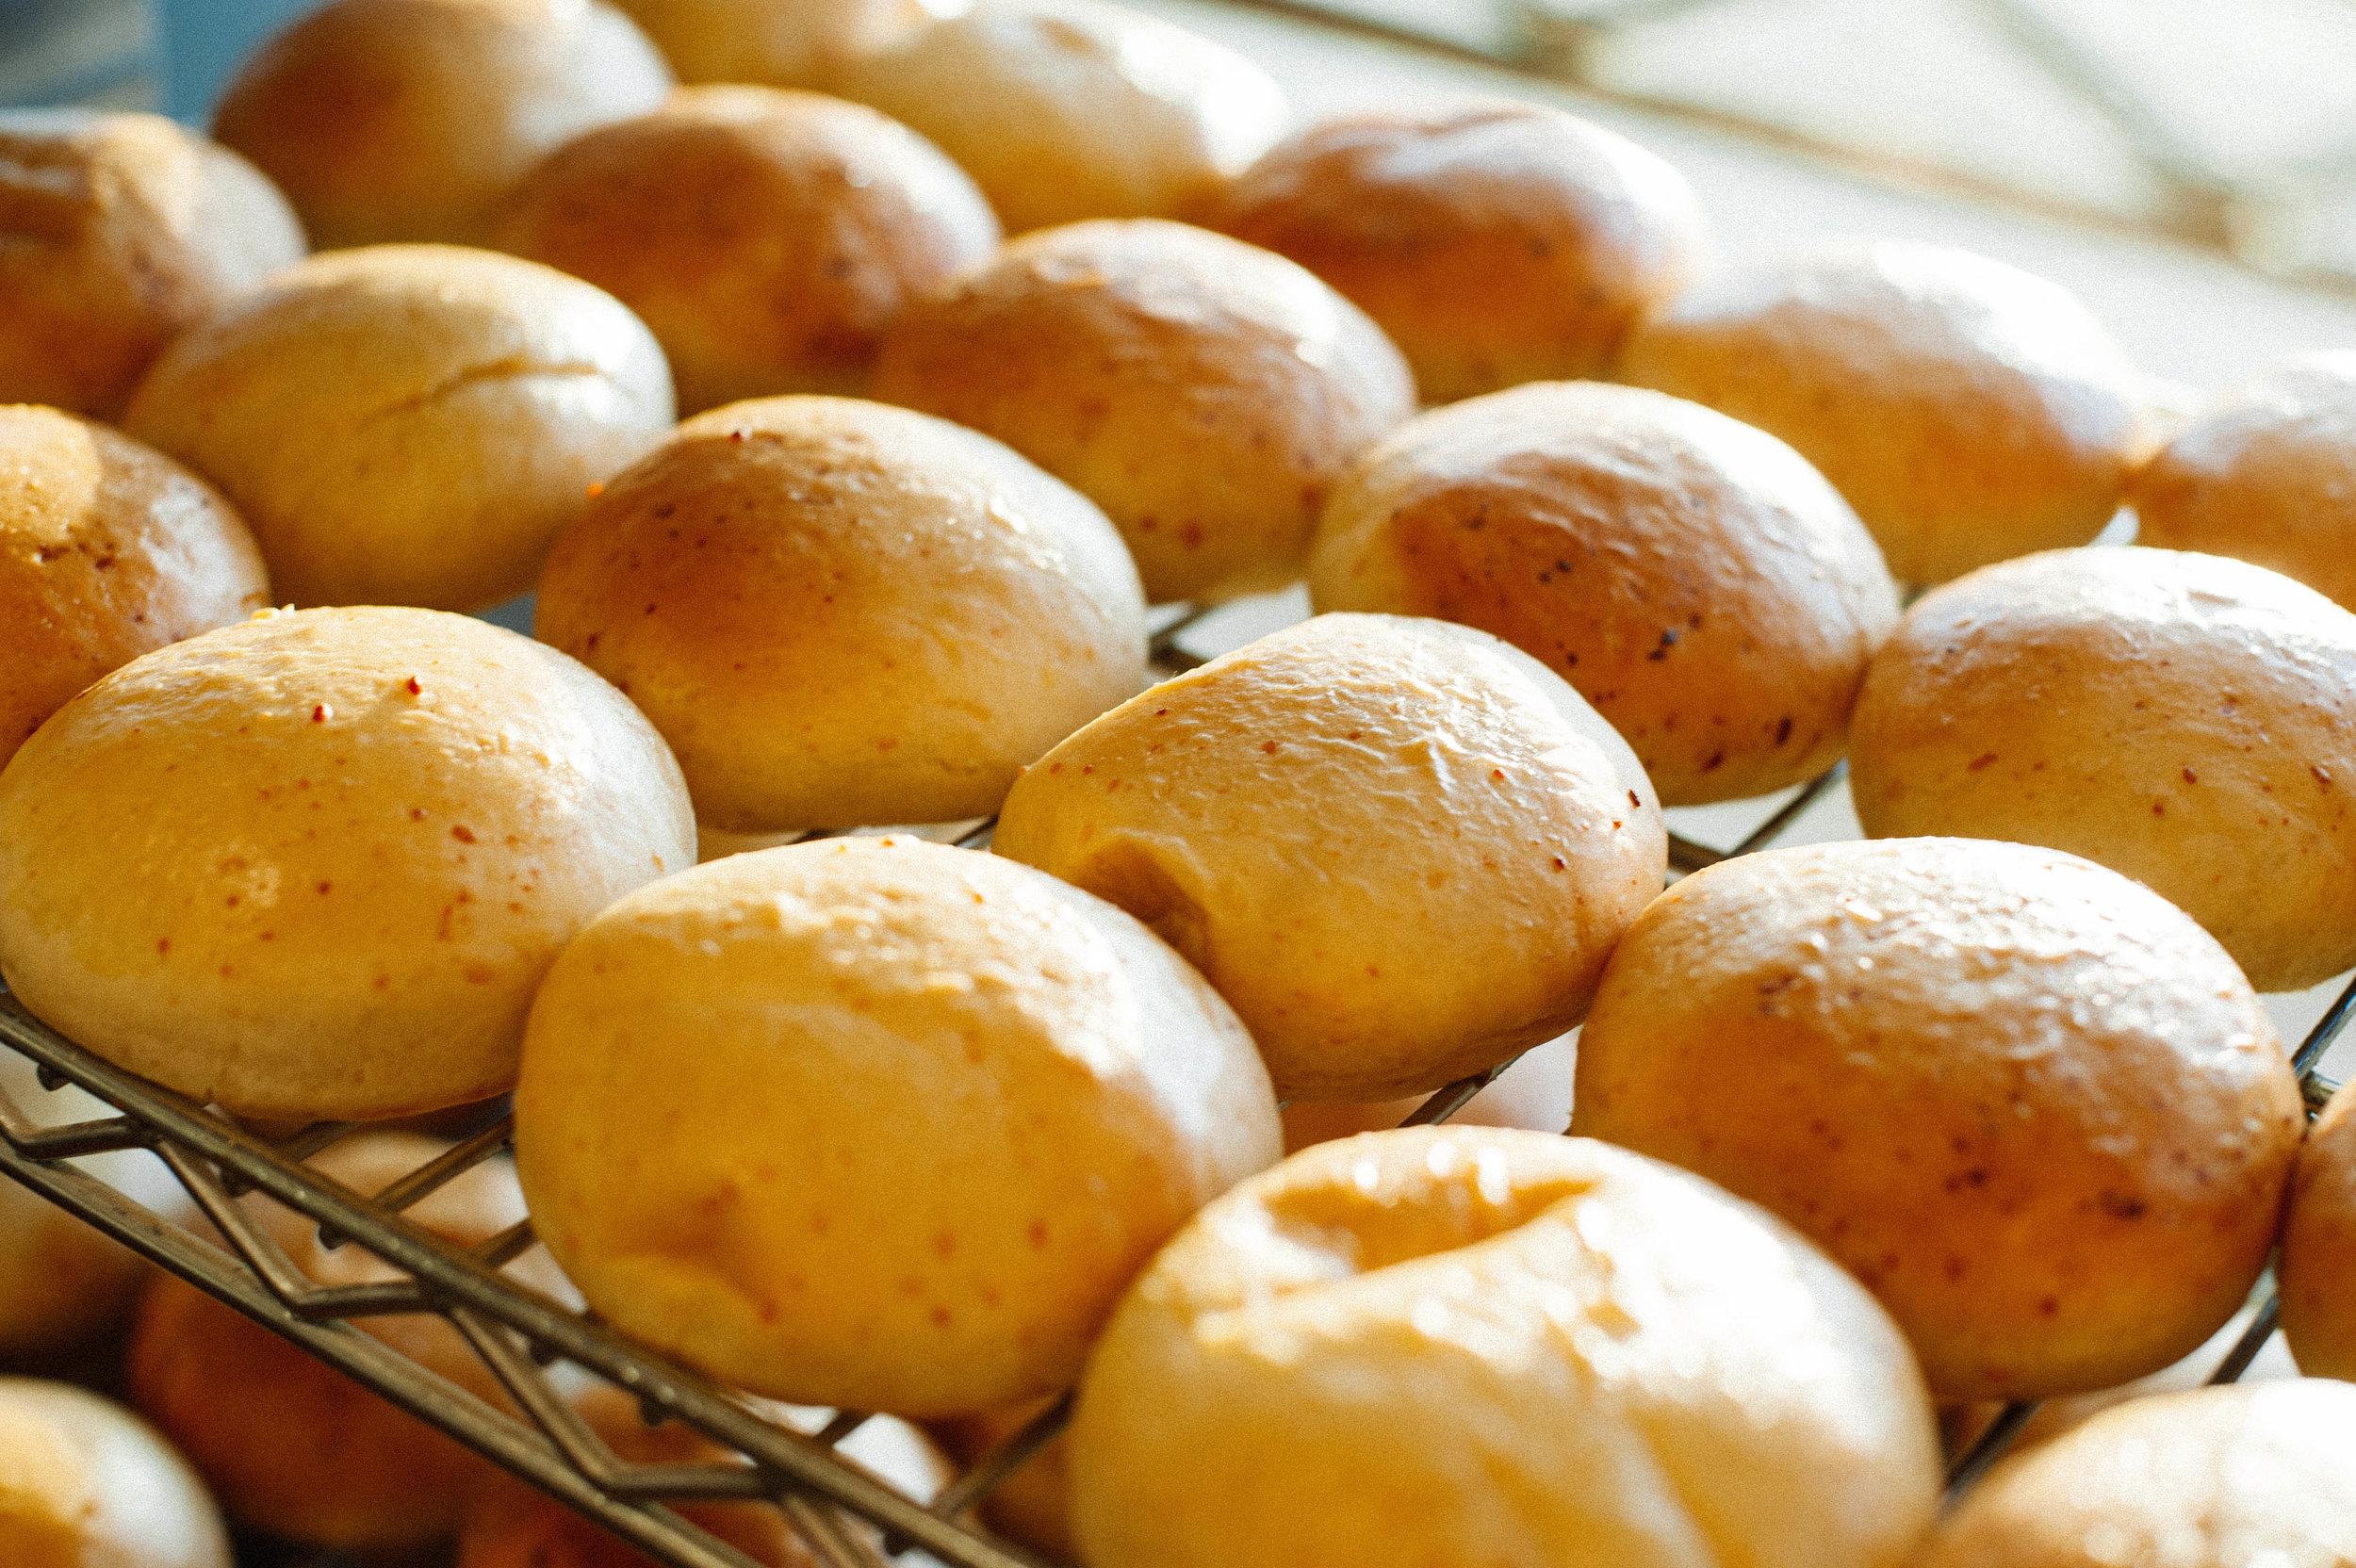 Homemade dinner rolls fresh baked